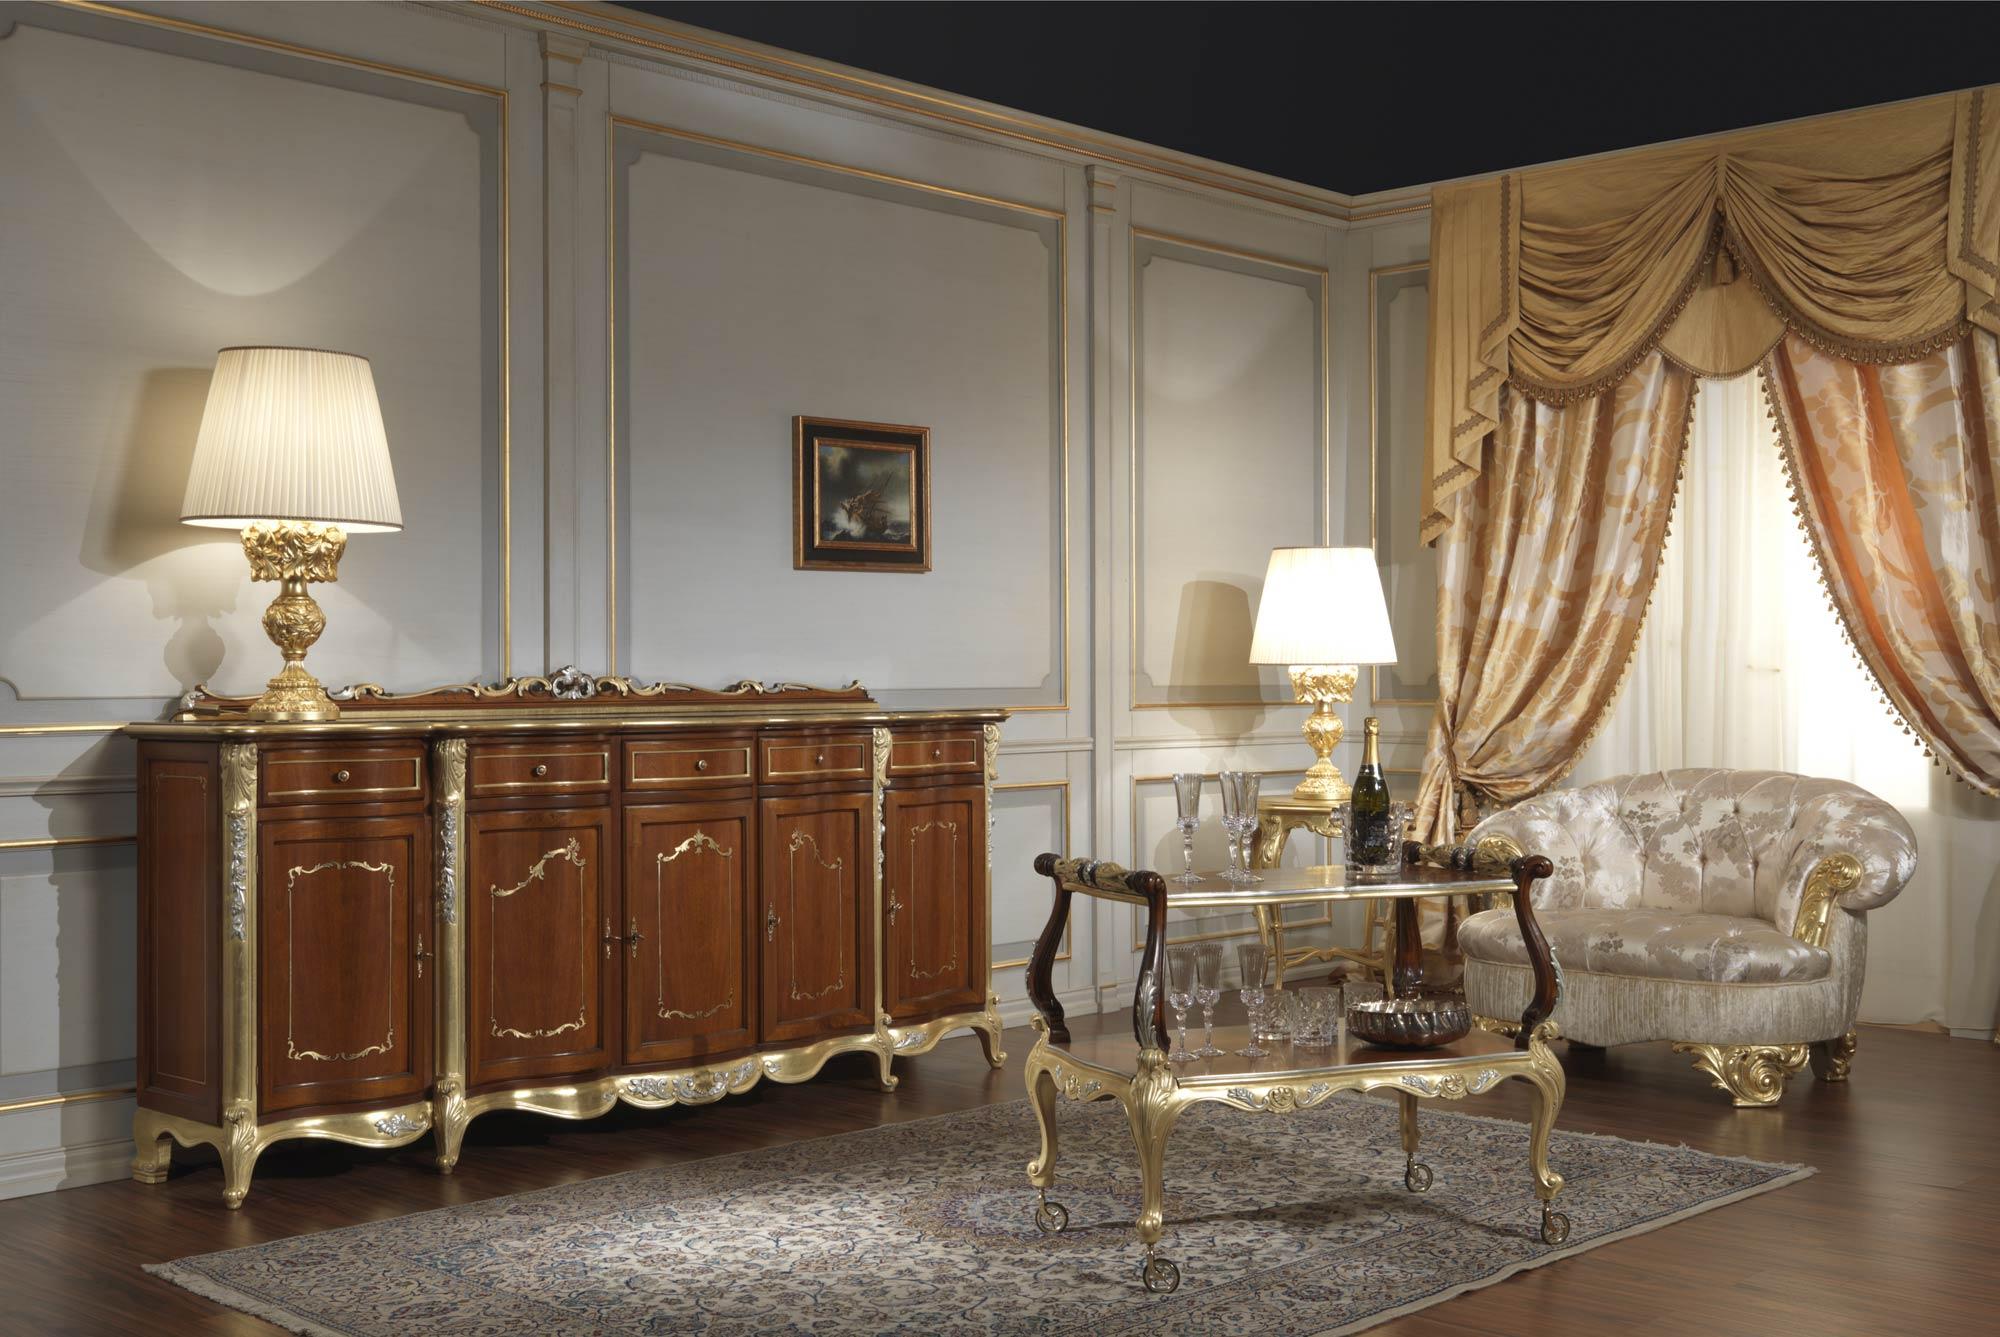 Mobili sala in stile classico Luigi XV  Vimercati Meda